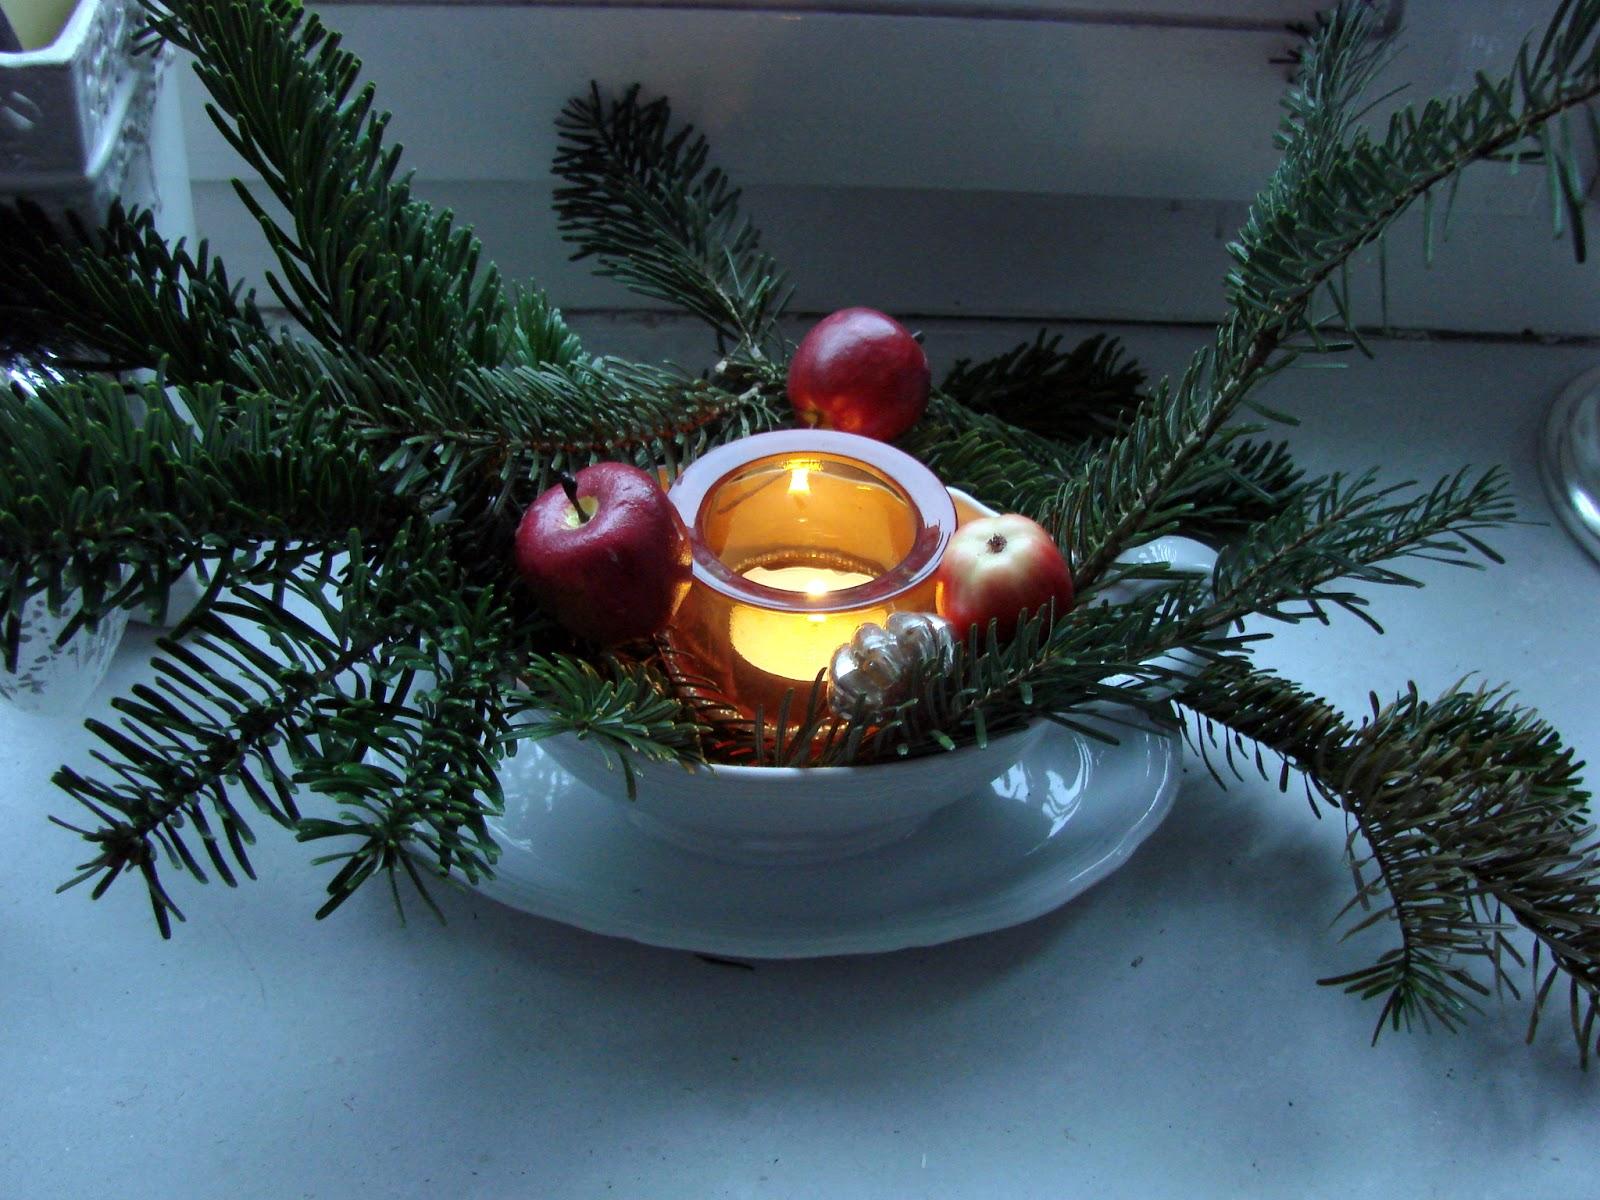 einen sch nen gruss zum ersten advent 2012 deko deko deko und advents apfelkuchen glutenfrei. Black Bedroom Furniture Sets. Home Design Ideas